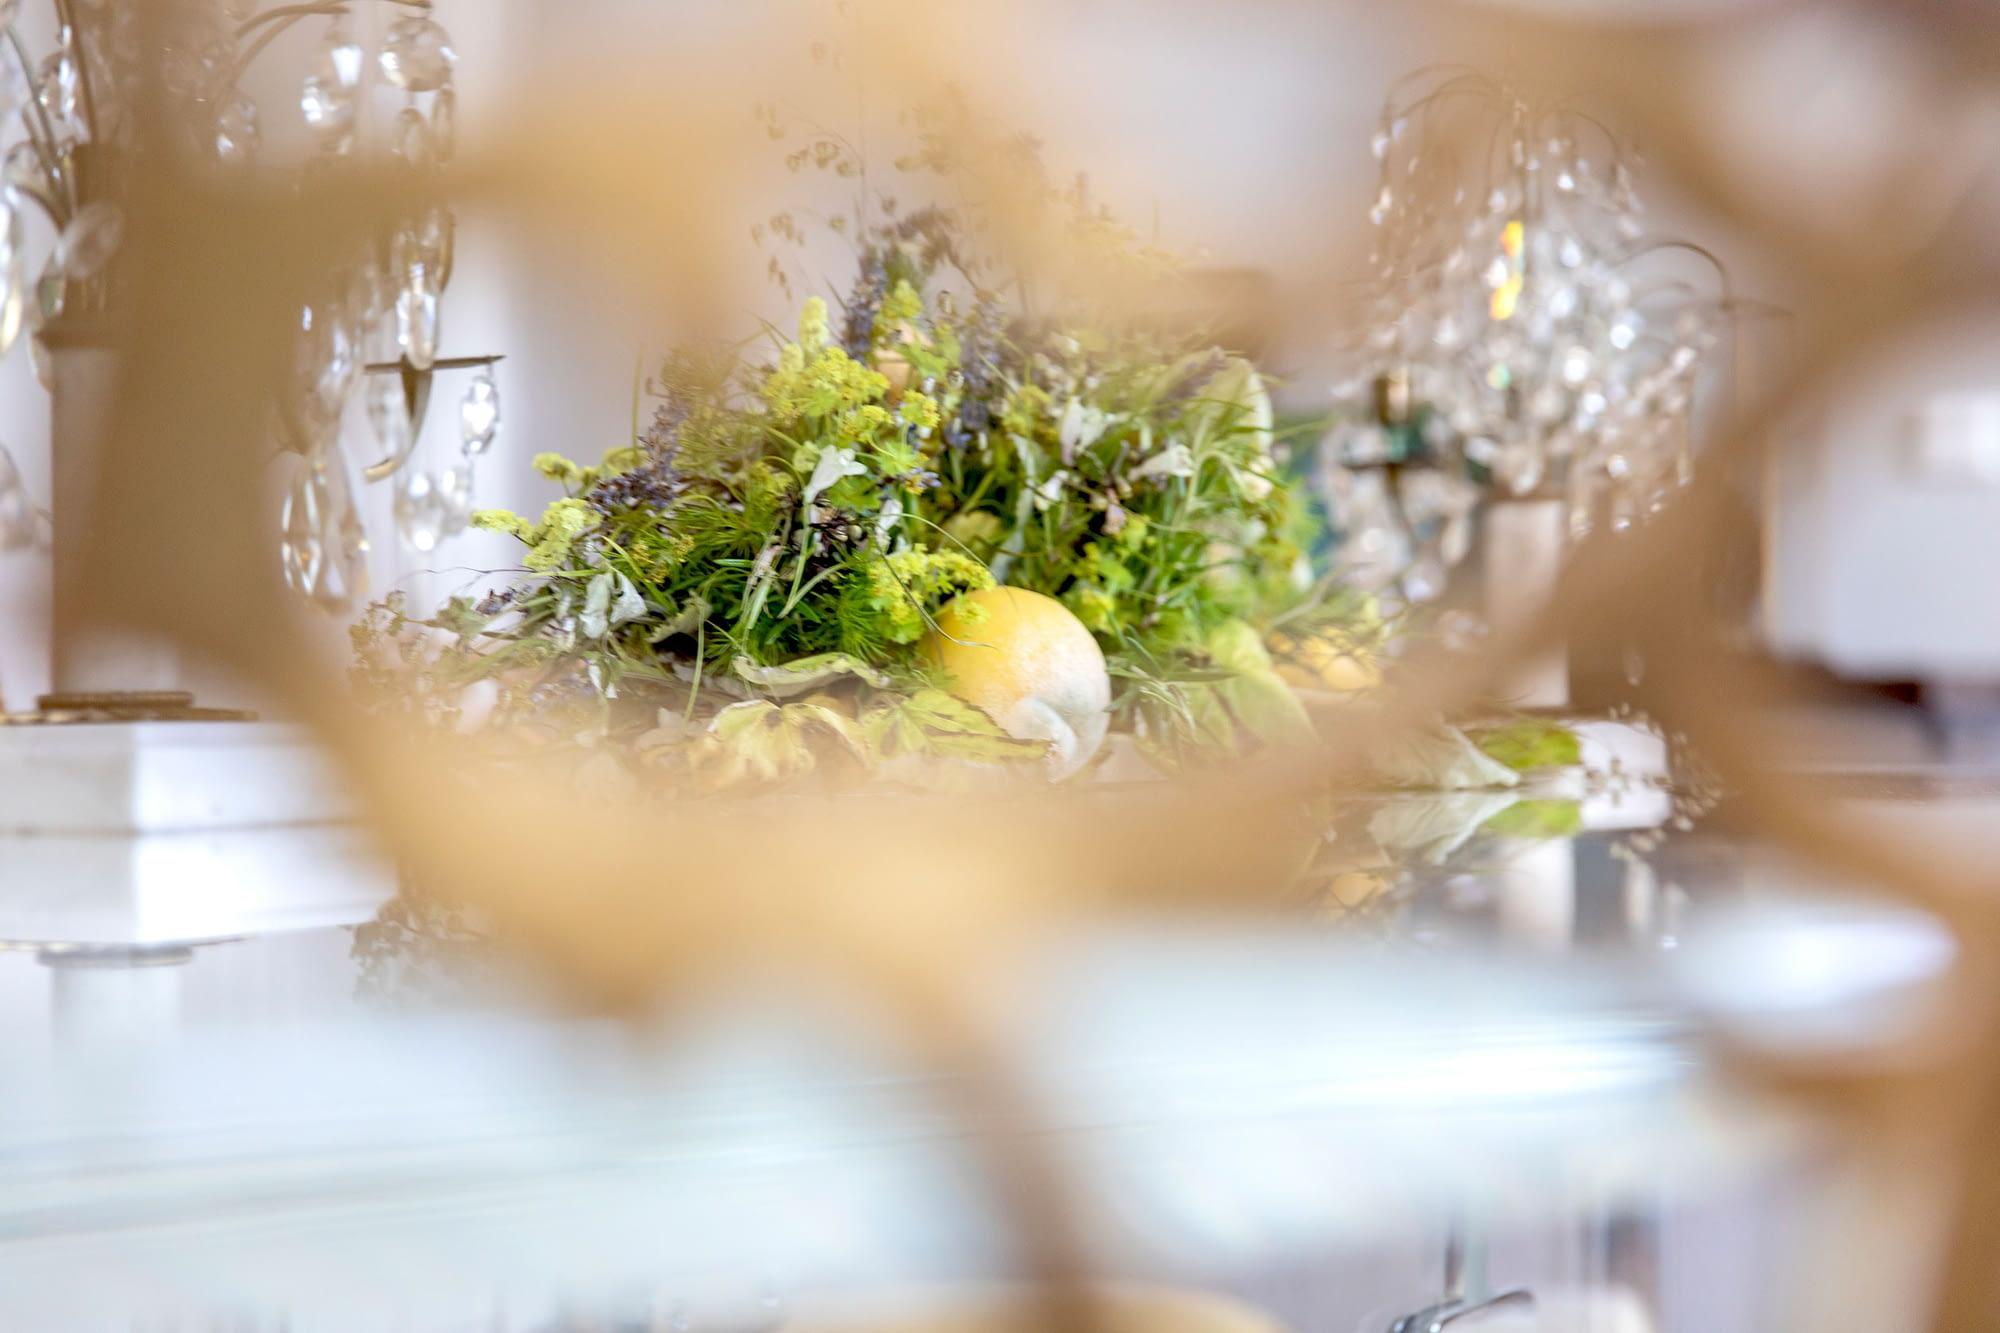 Tafelaufsatz mit Blumen und Zitronen